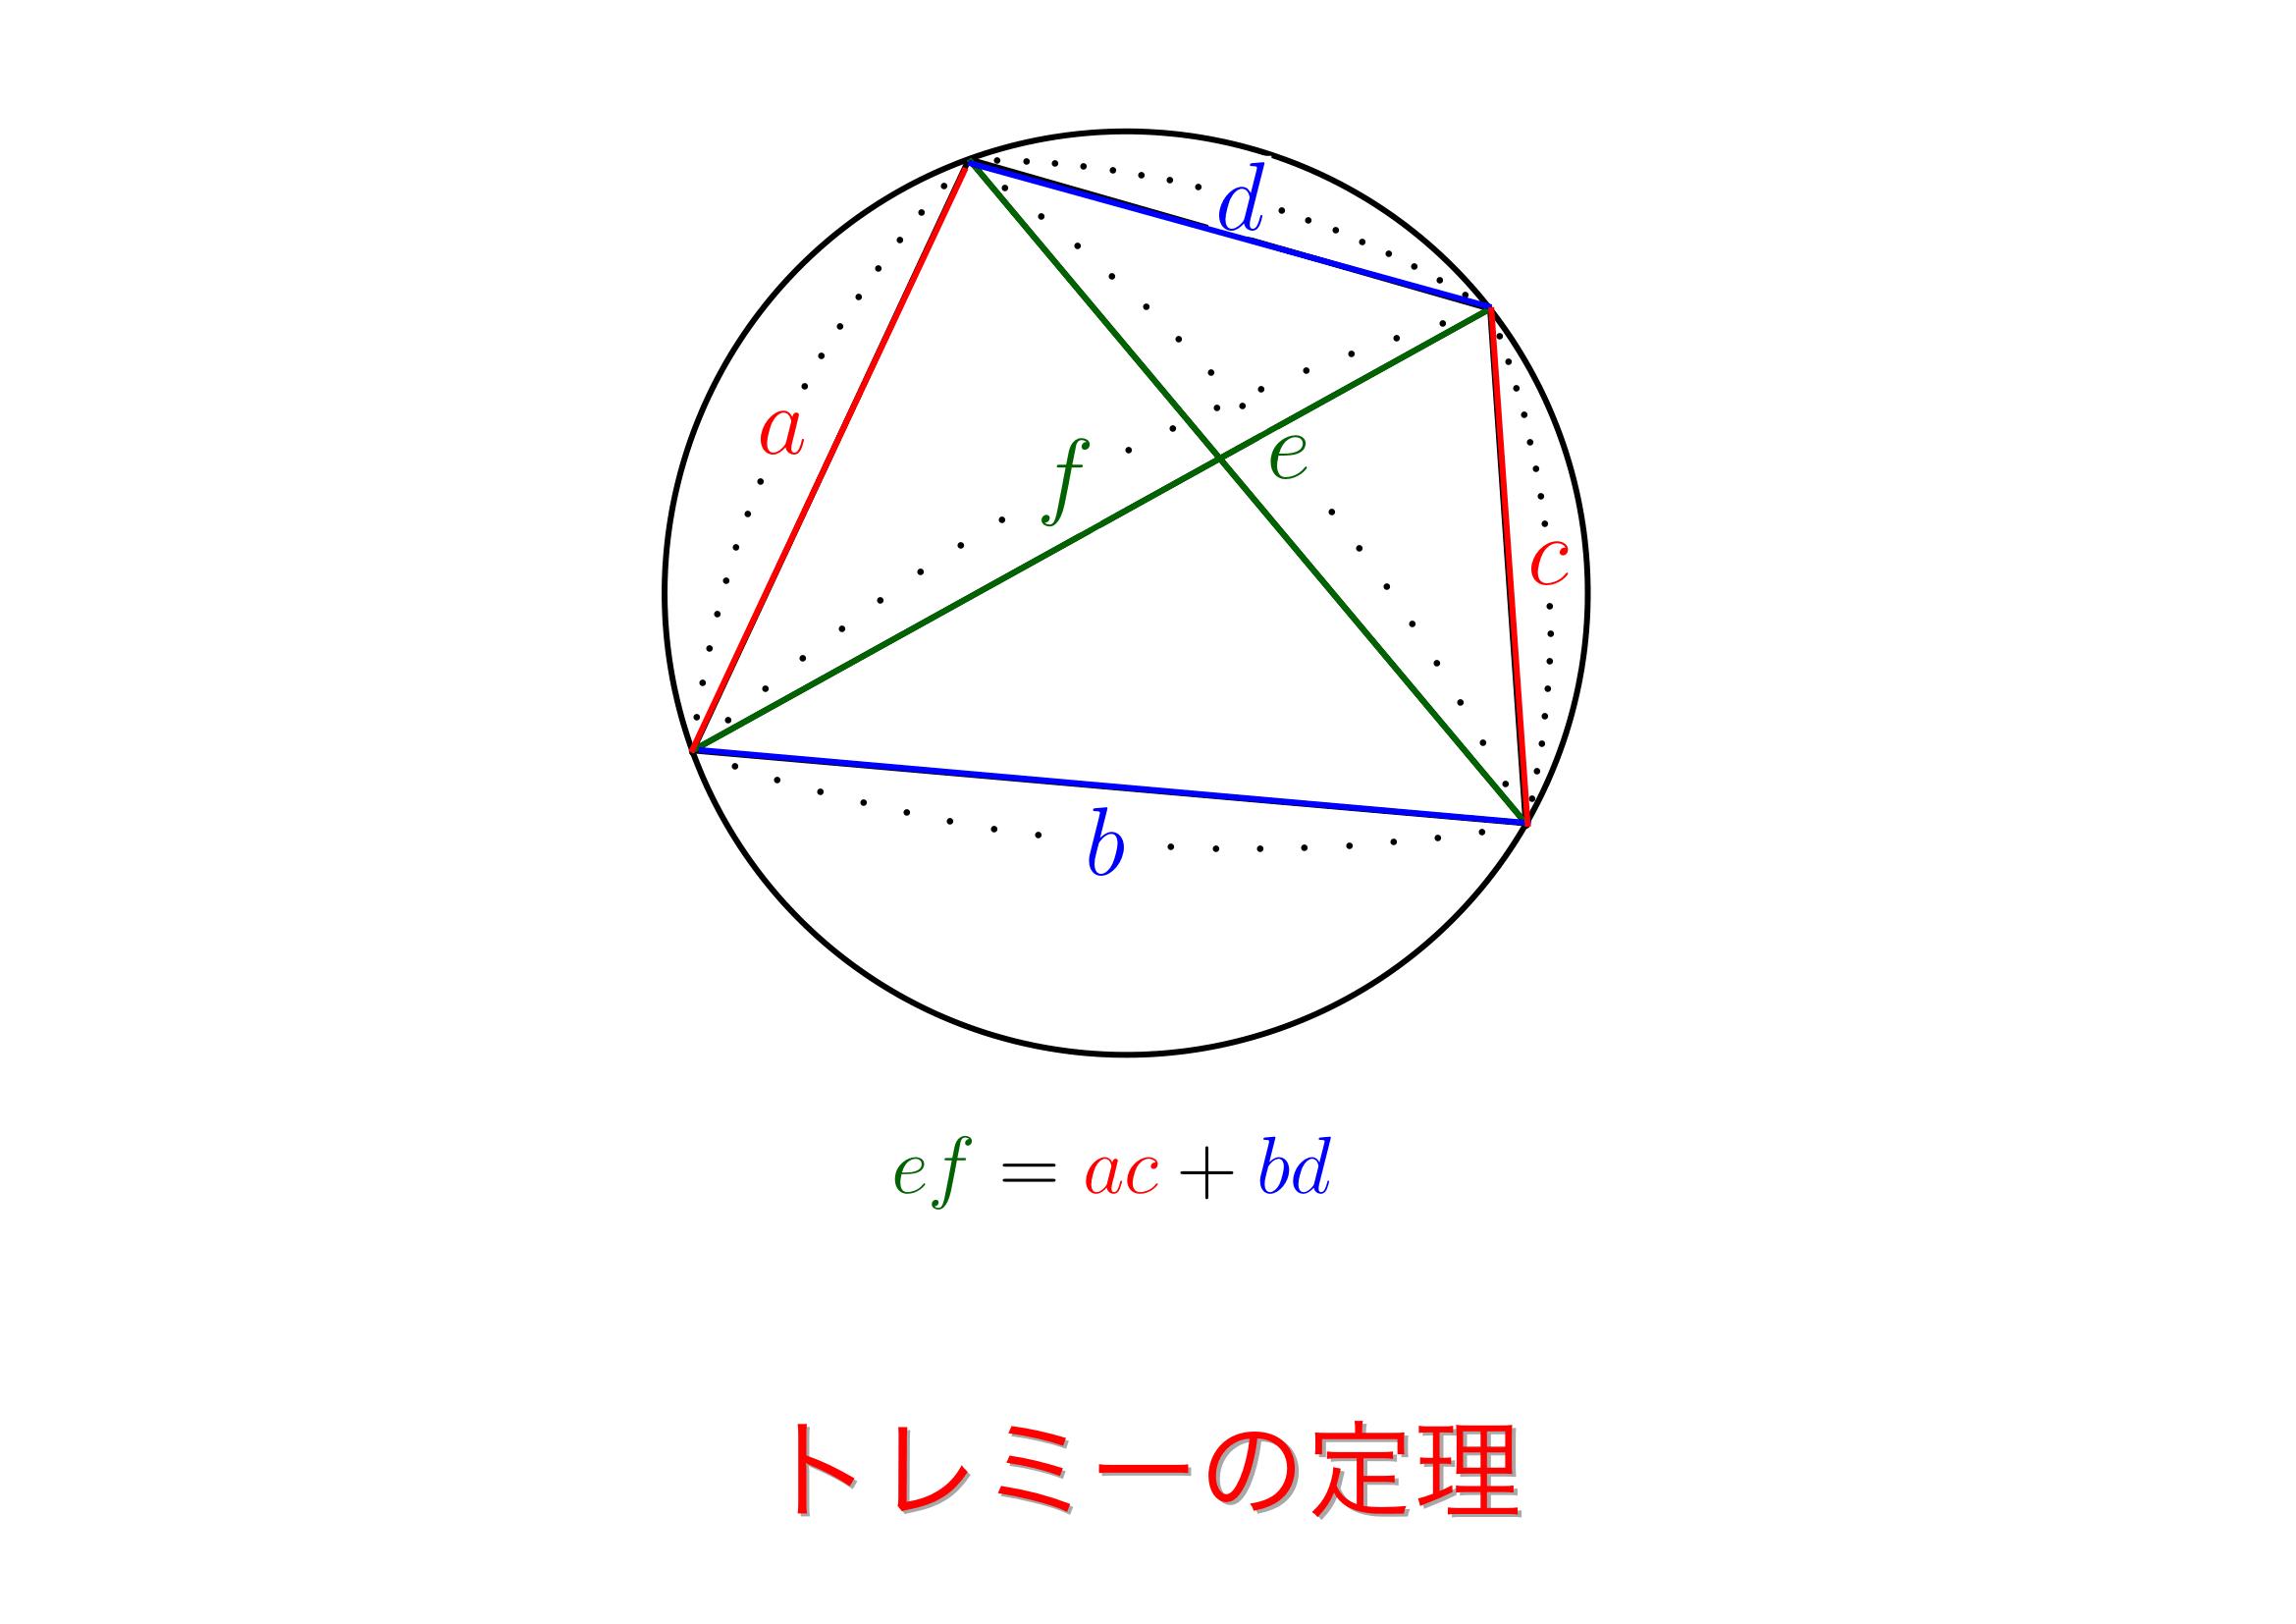 トレミーの定理 | おいしい数学